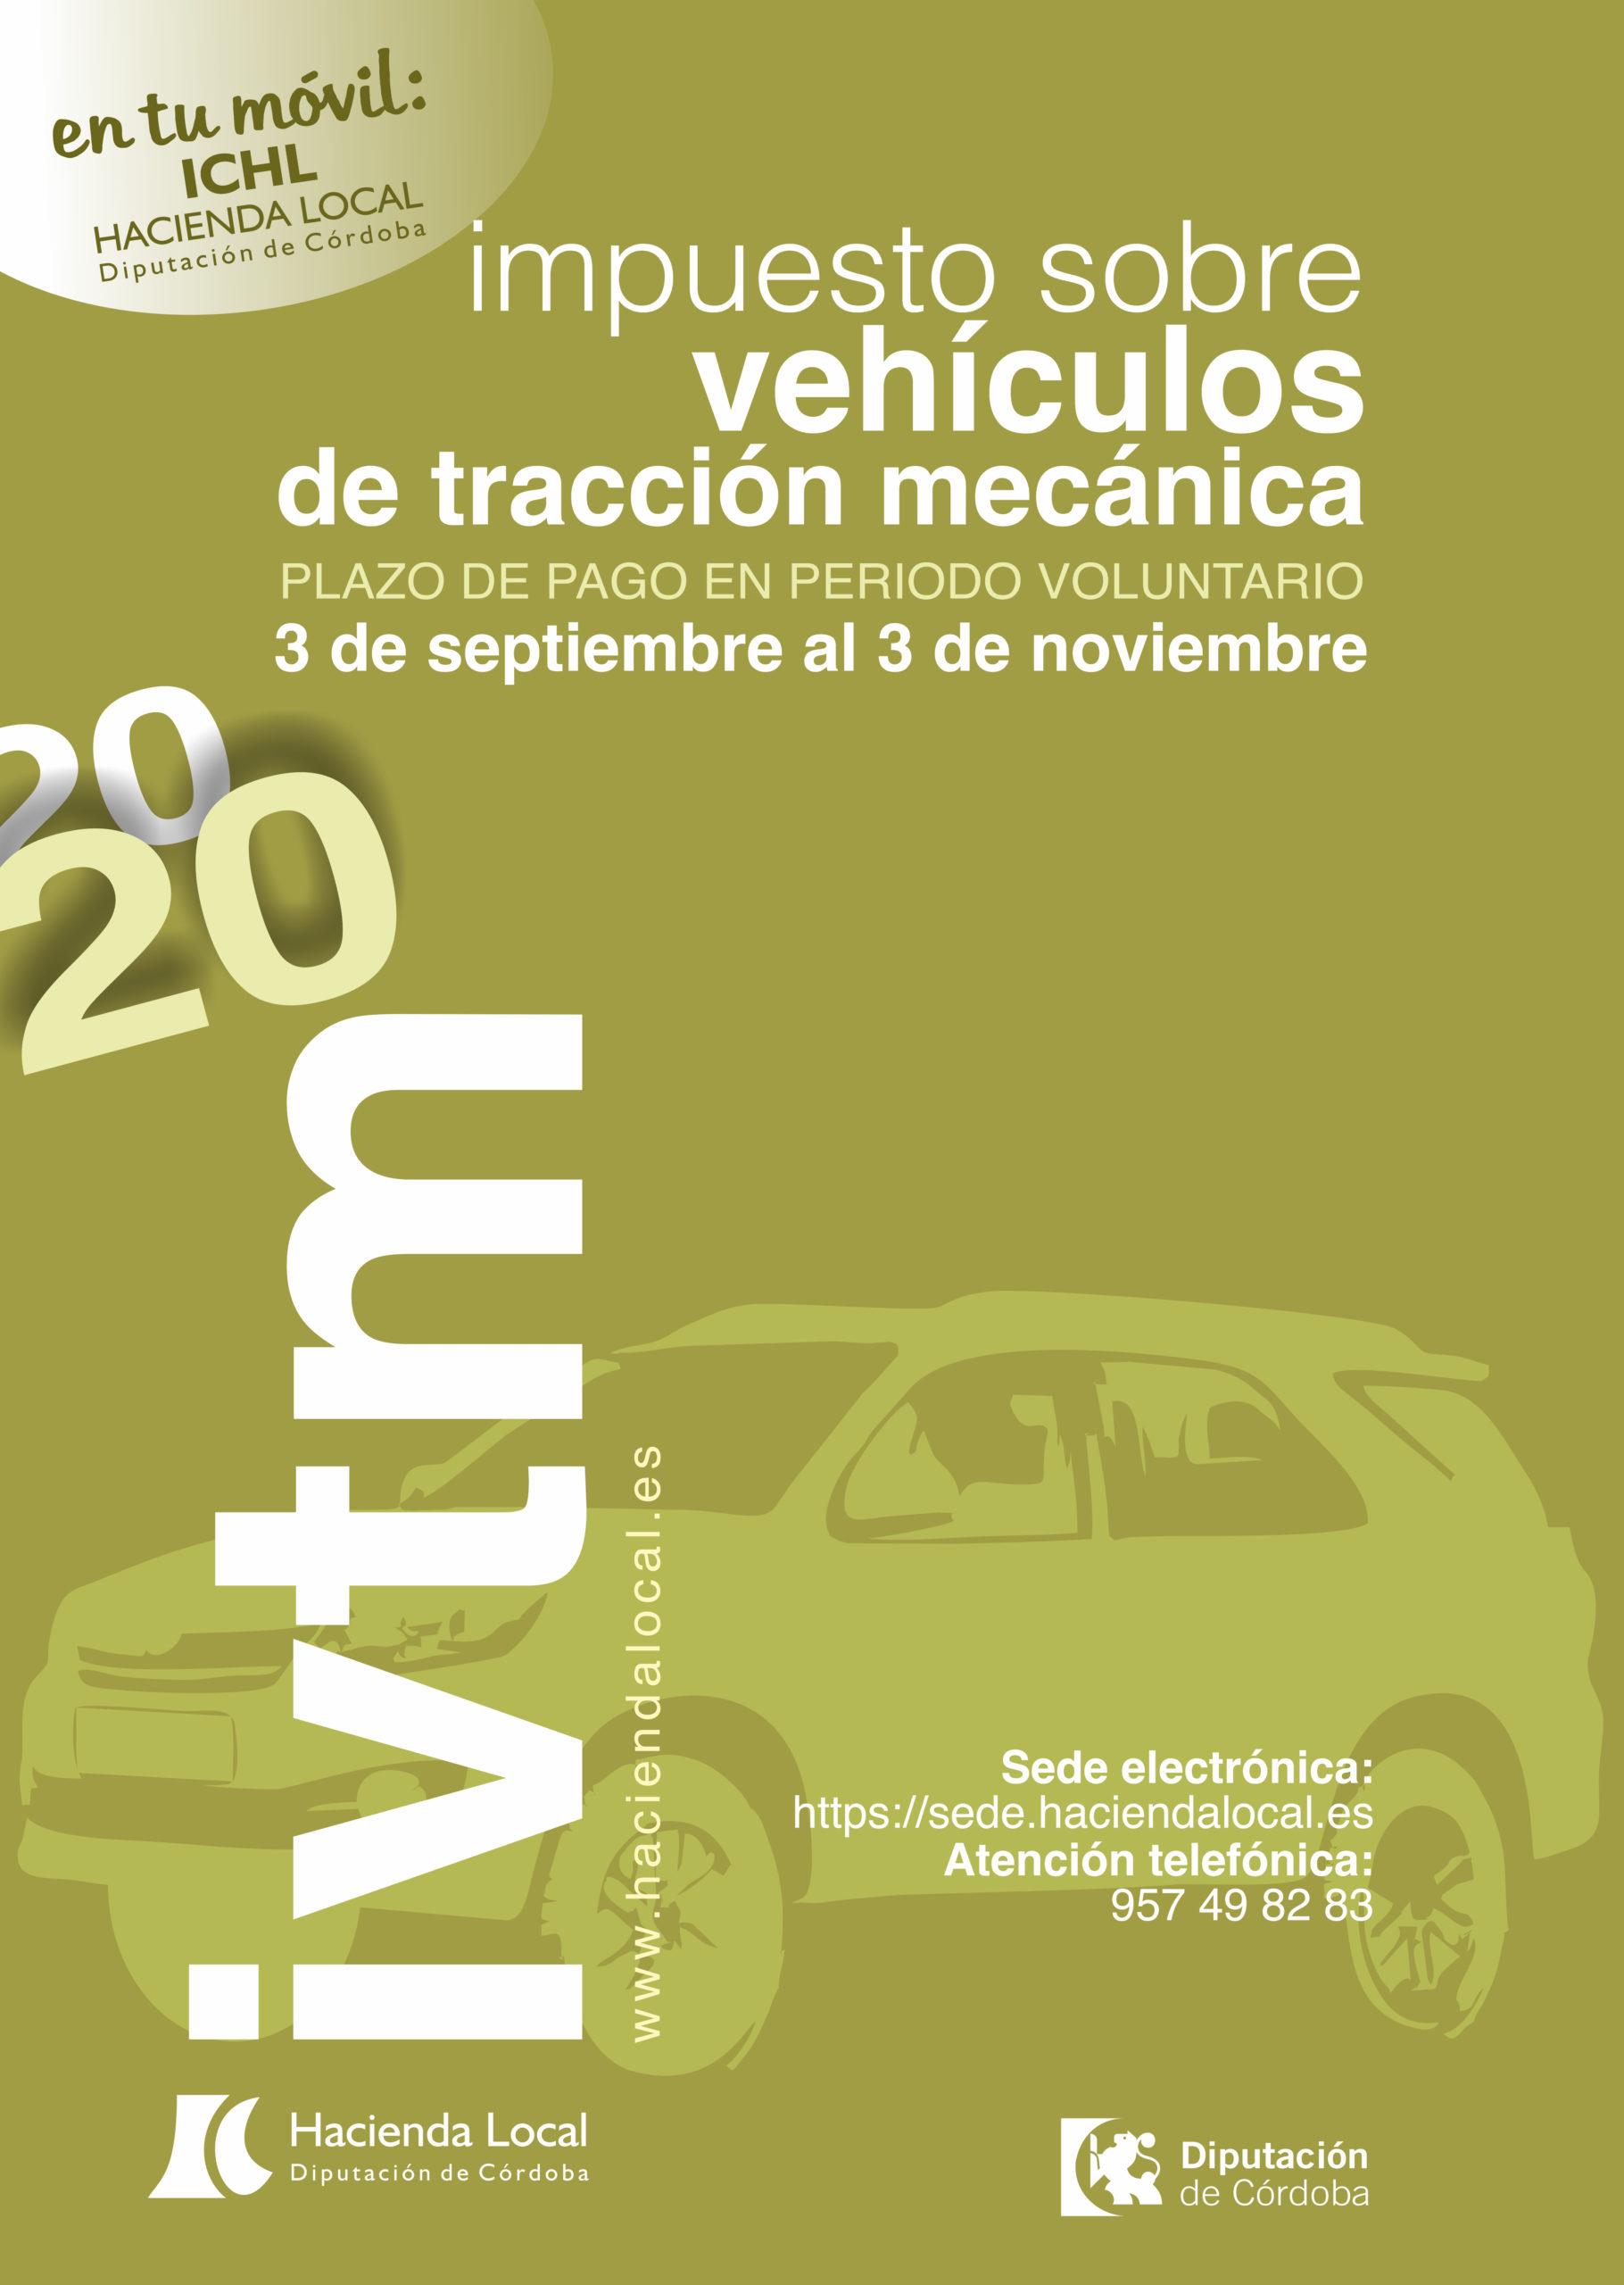 I.C.H.L. - Impuesto Sobre Vehículos de Tracción Mecánica